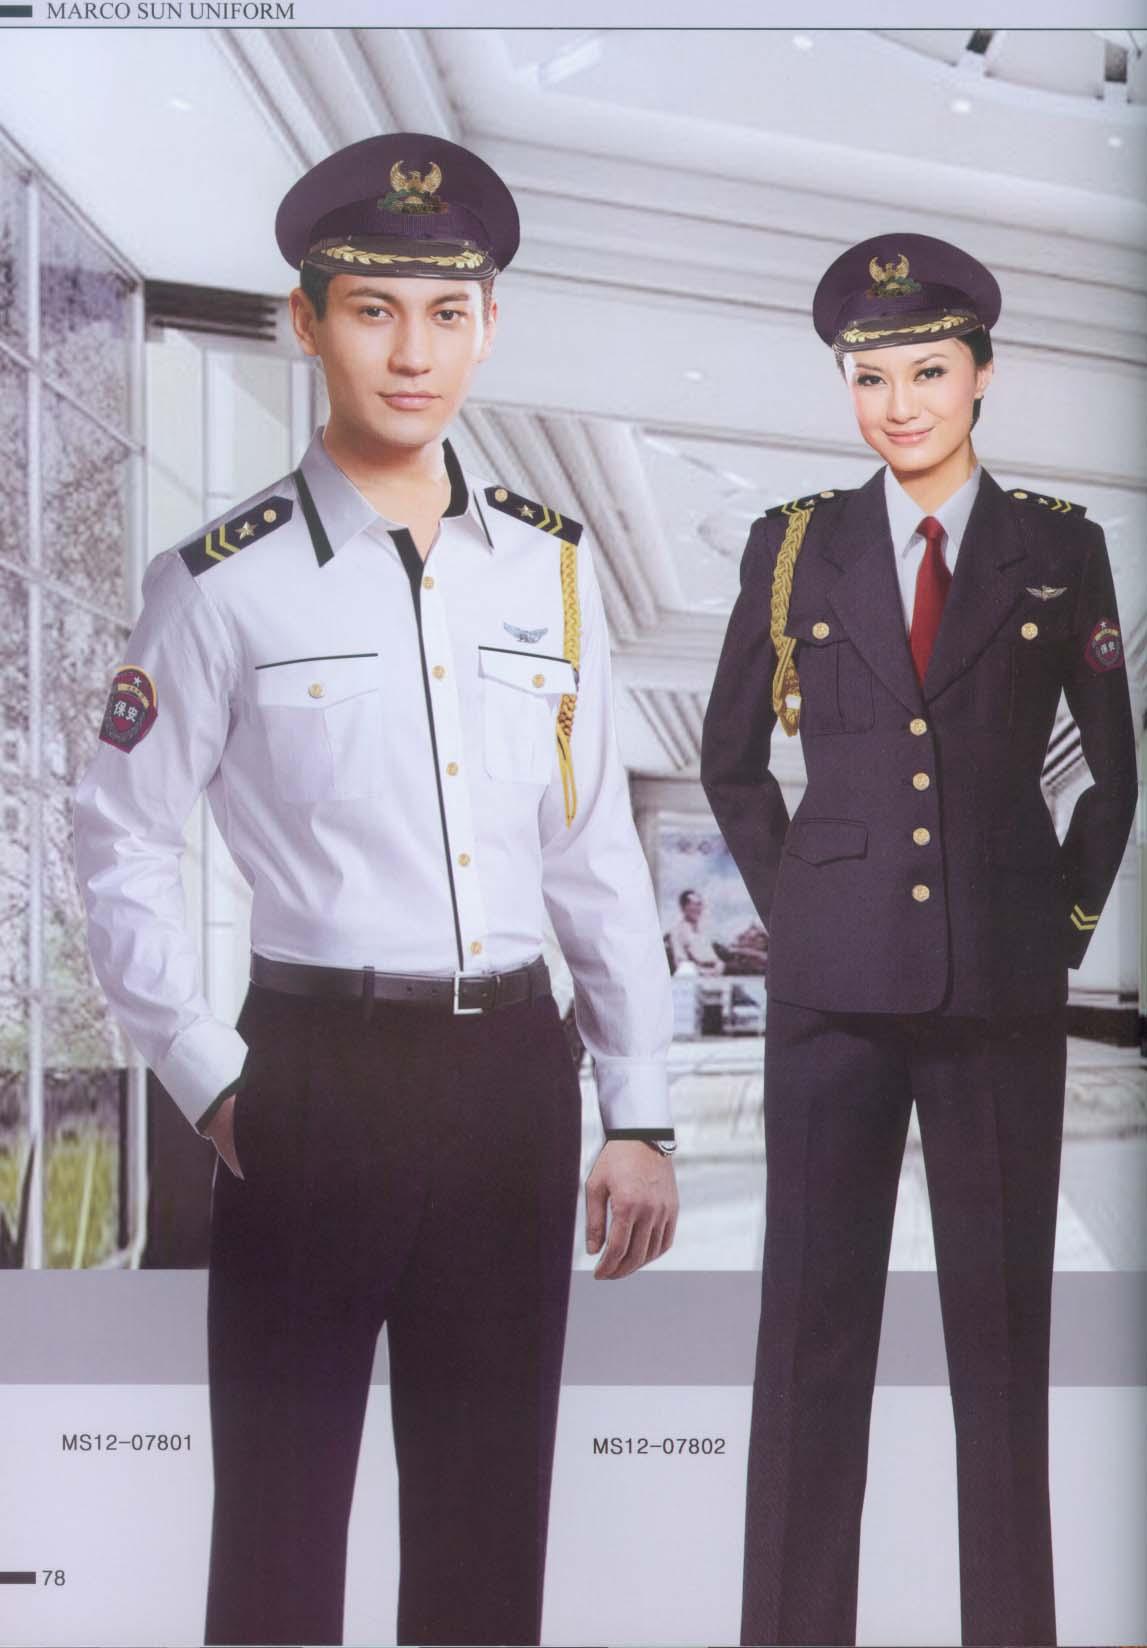 夏季保安服定做加工 西安保安制服短袖 保安服批发定制 新概念制服